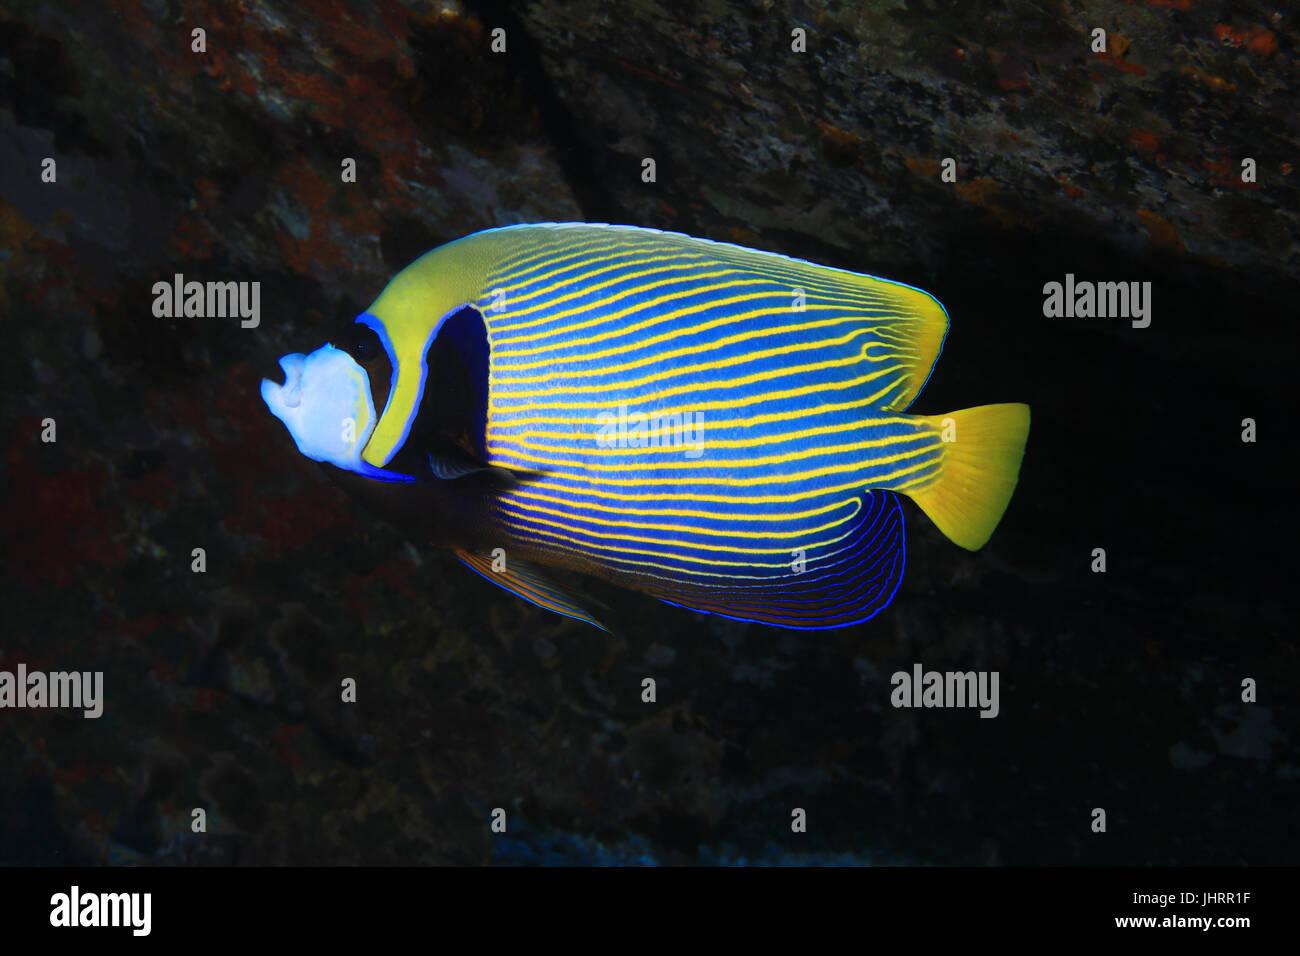 Emperor angelfish (Pomacanthus imperator) underwater in the indian ocean - Stock Image